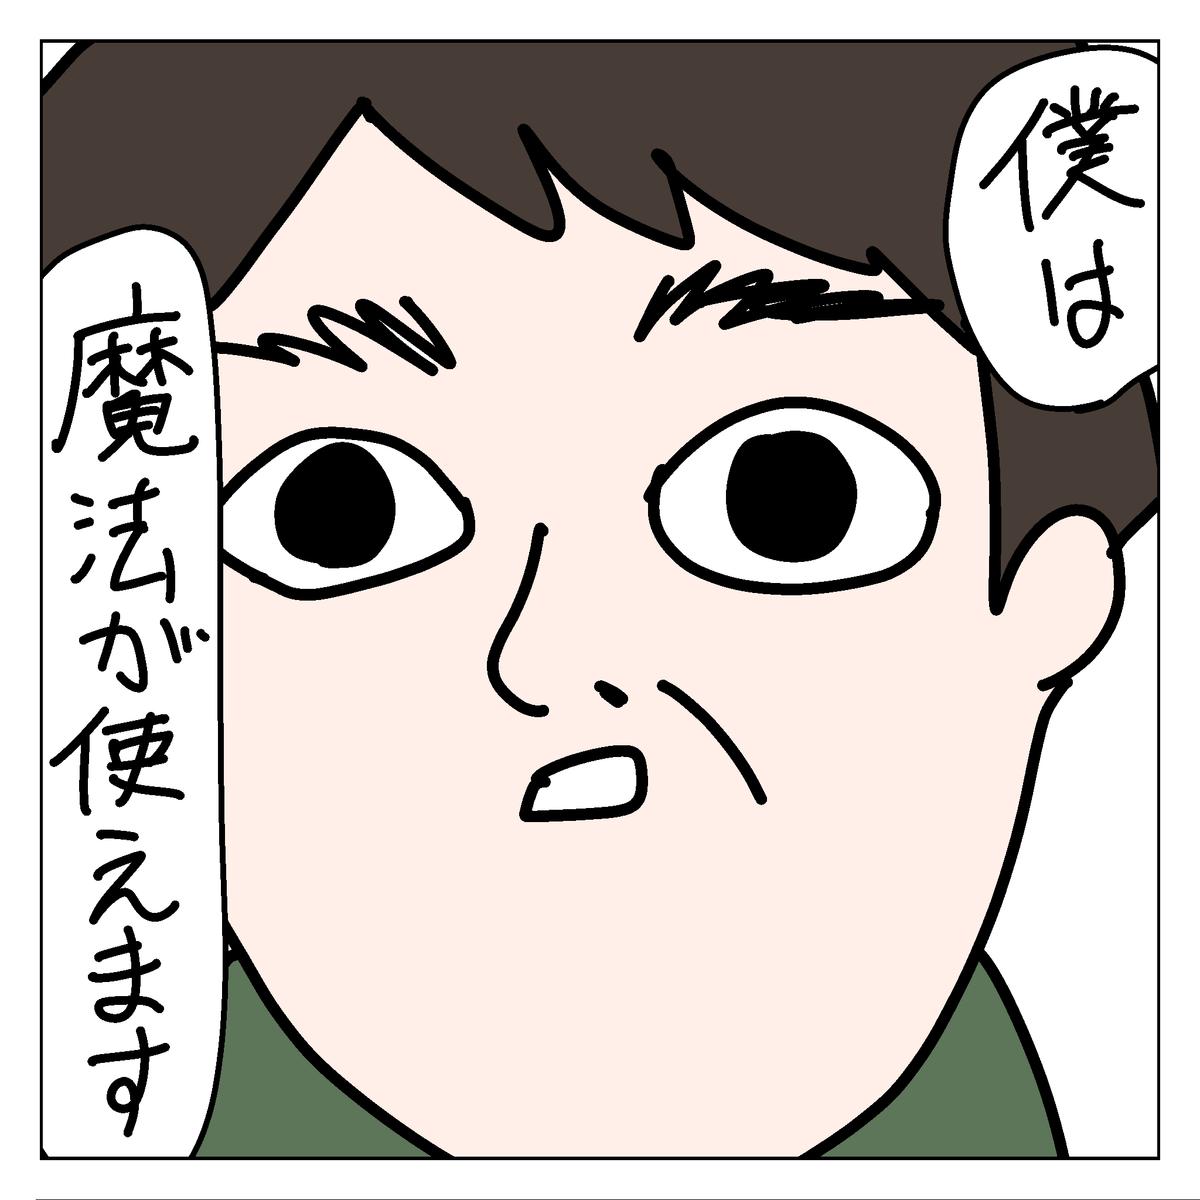 f:id:YuruFuwaTa:20200507102016p:plain